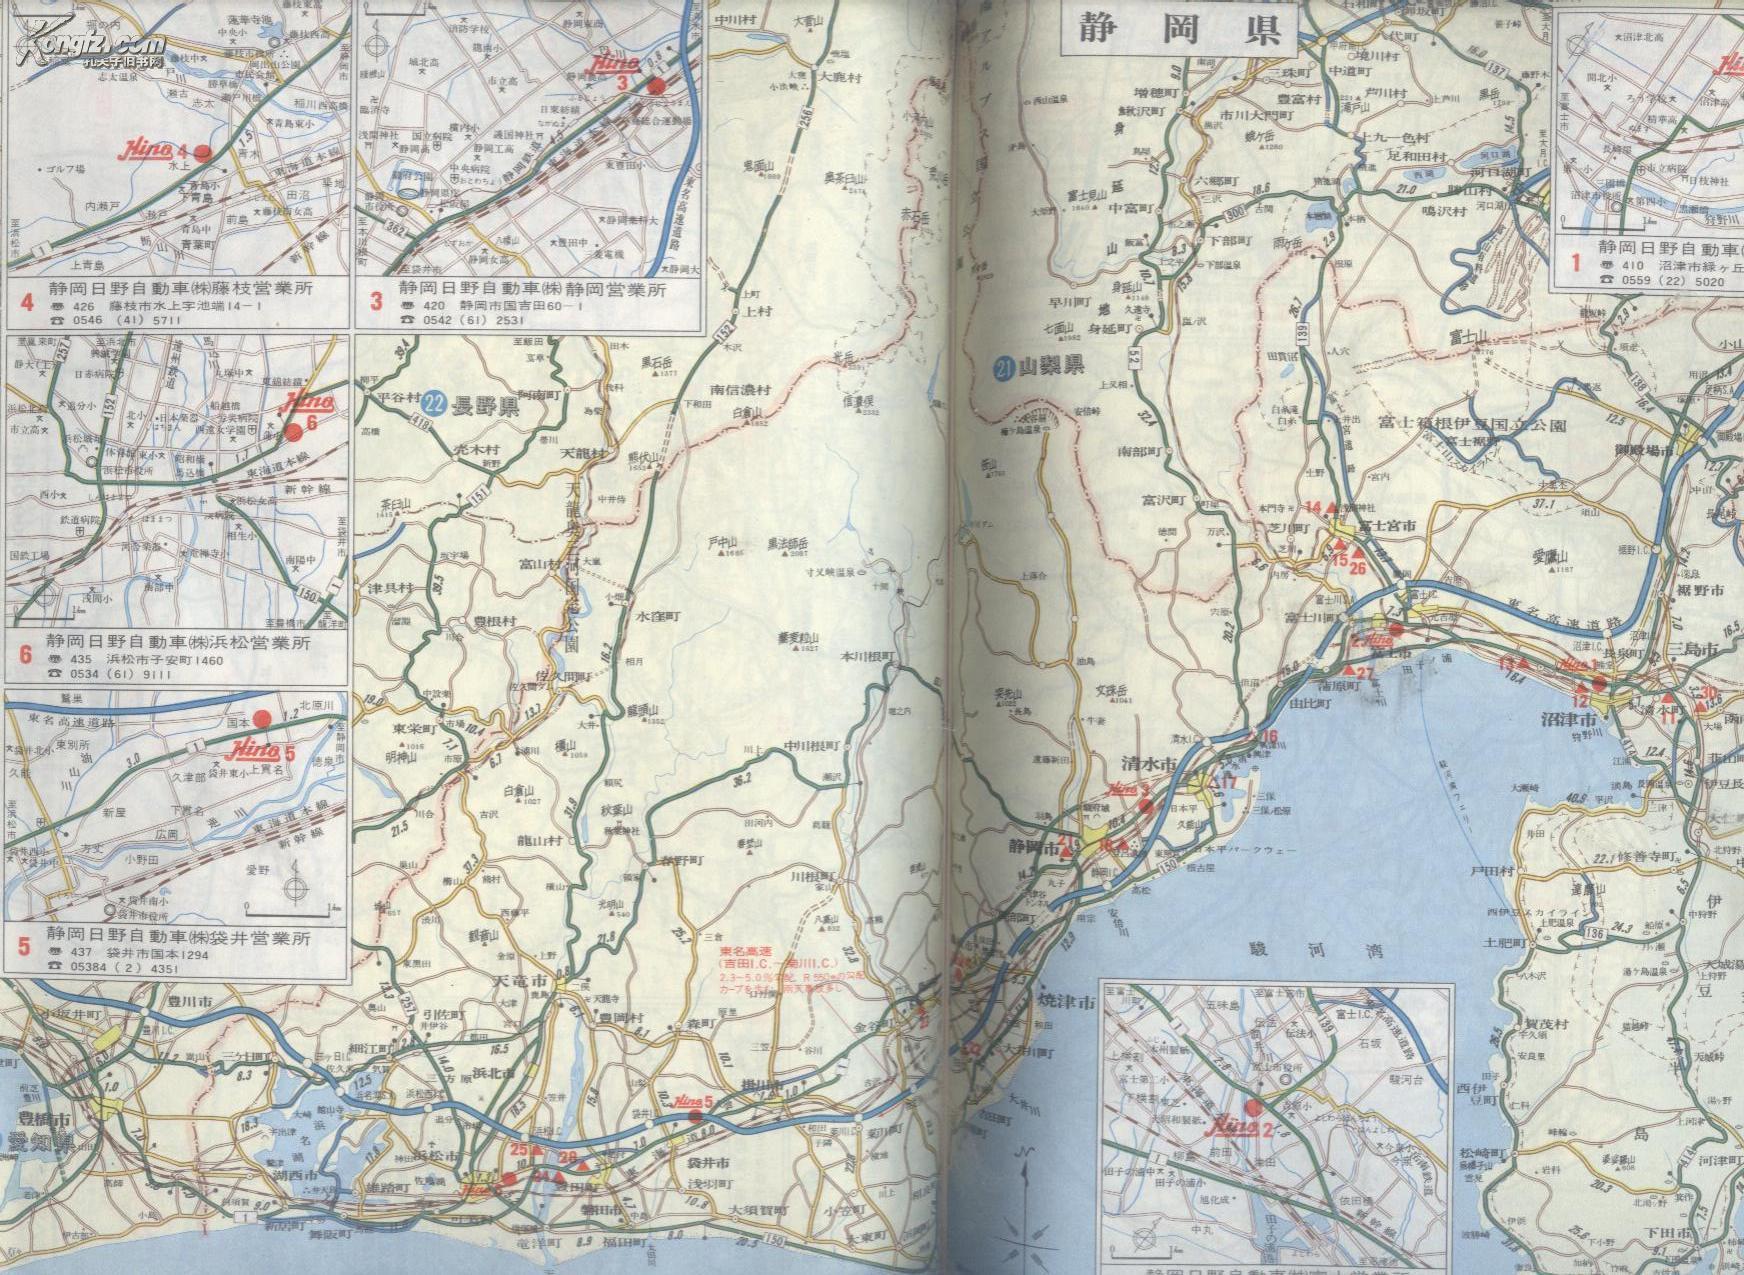 【图】日野自动车 日本地图册